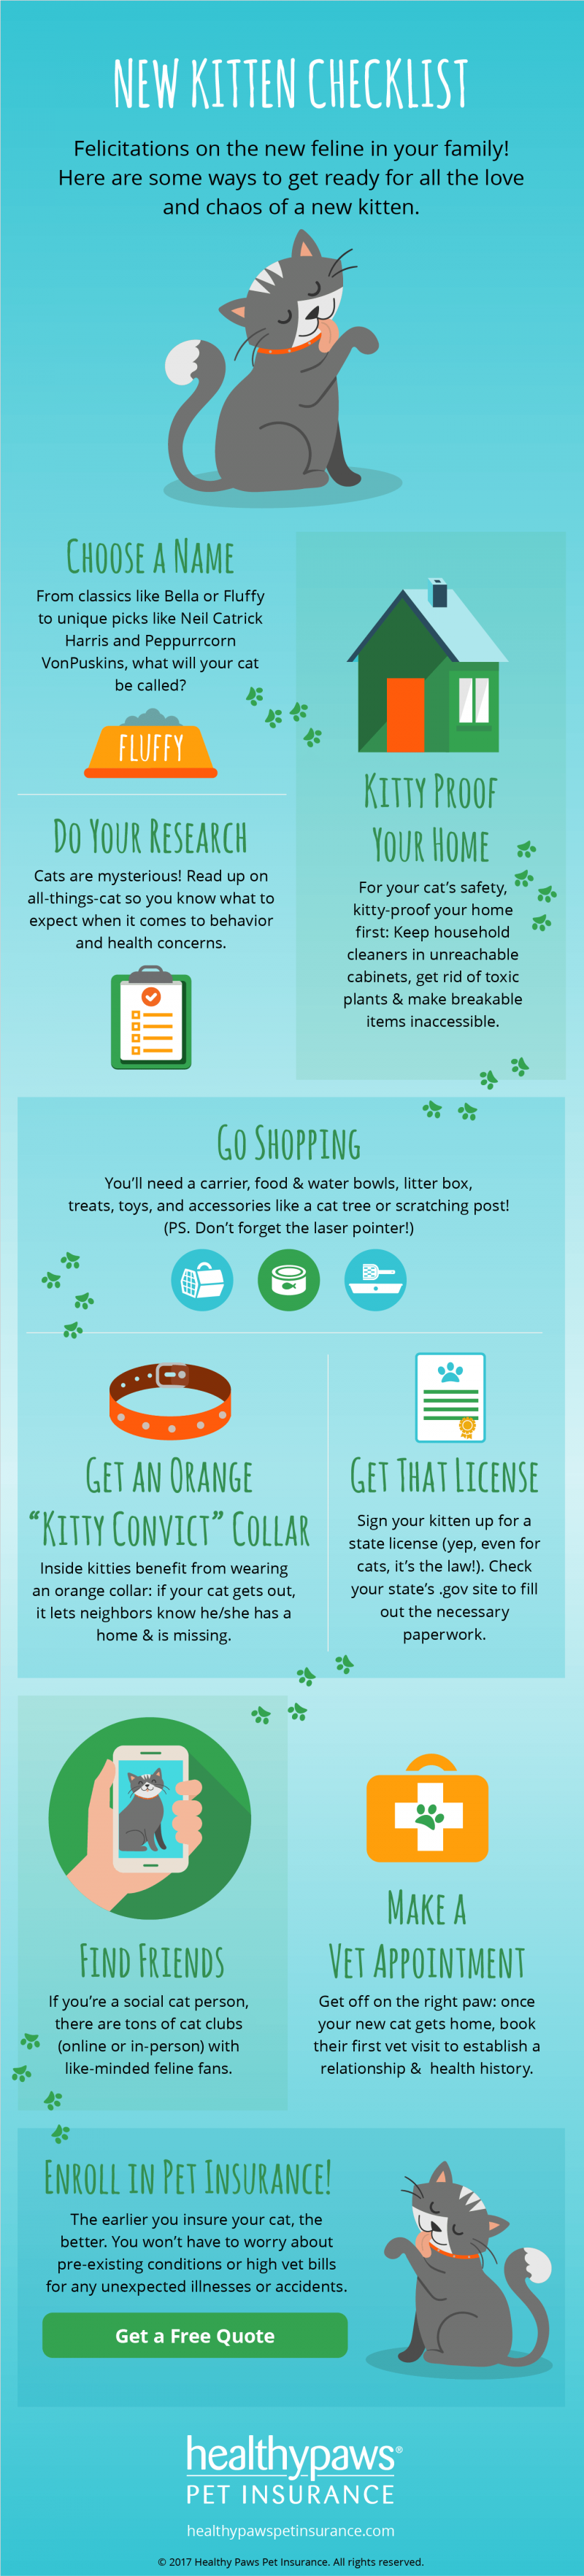 Infographic - new kitten checklist